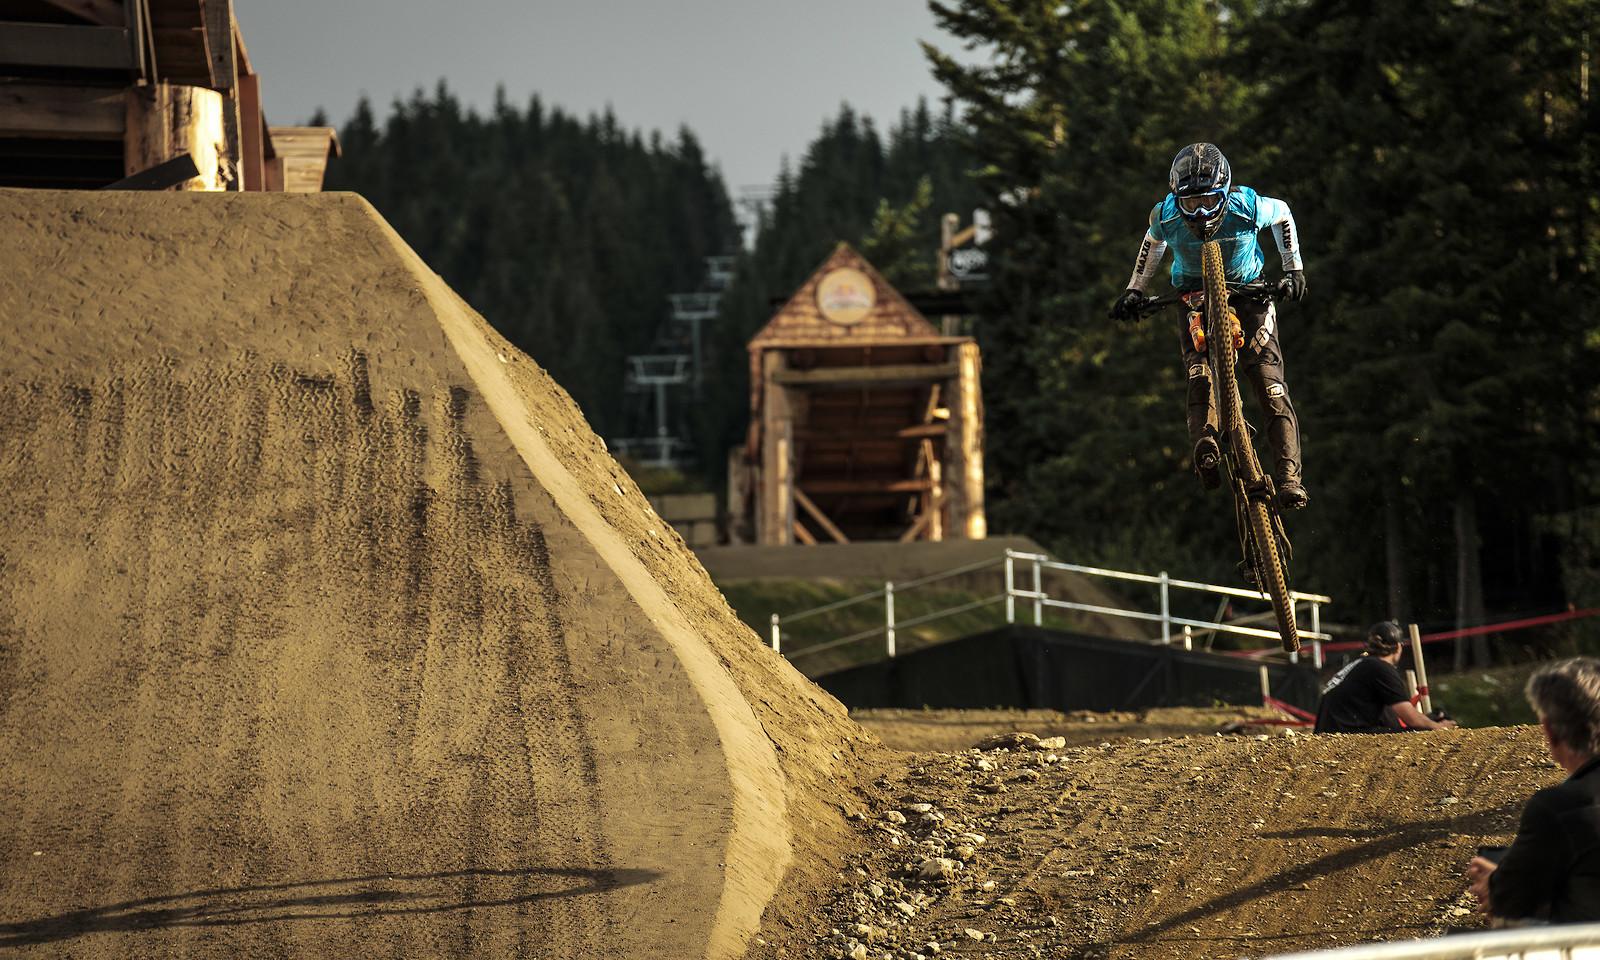 9B10C99B-7274-4D1A-9F29-A711AB642511 - Howie286 - Mountain Biking Pictures - Vital MTB